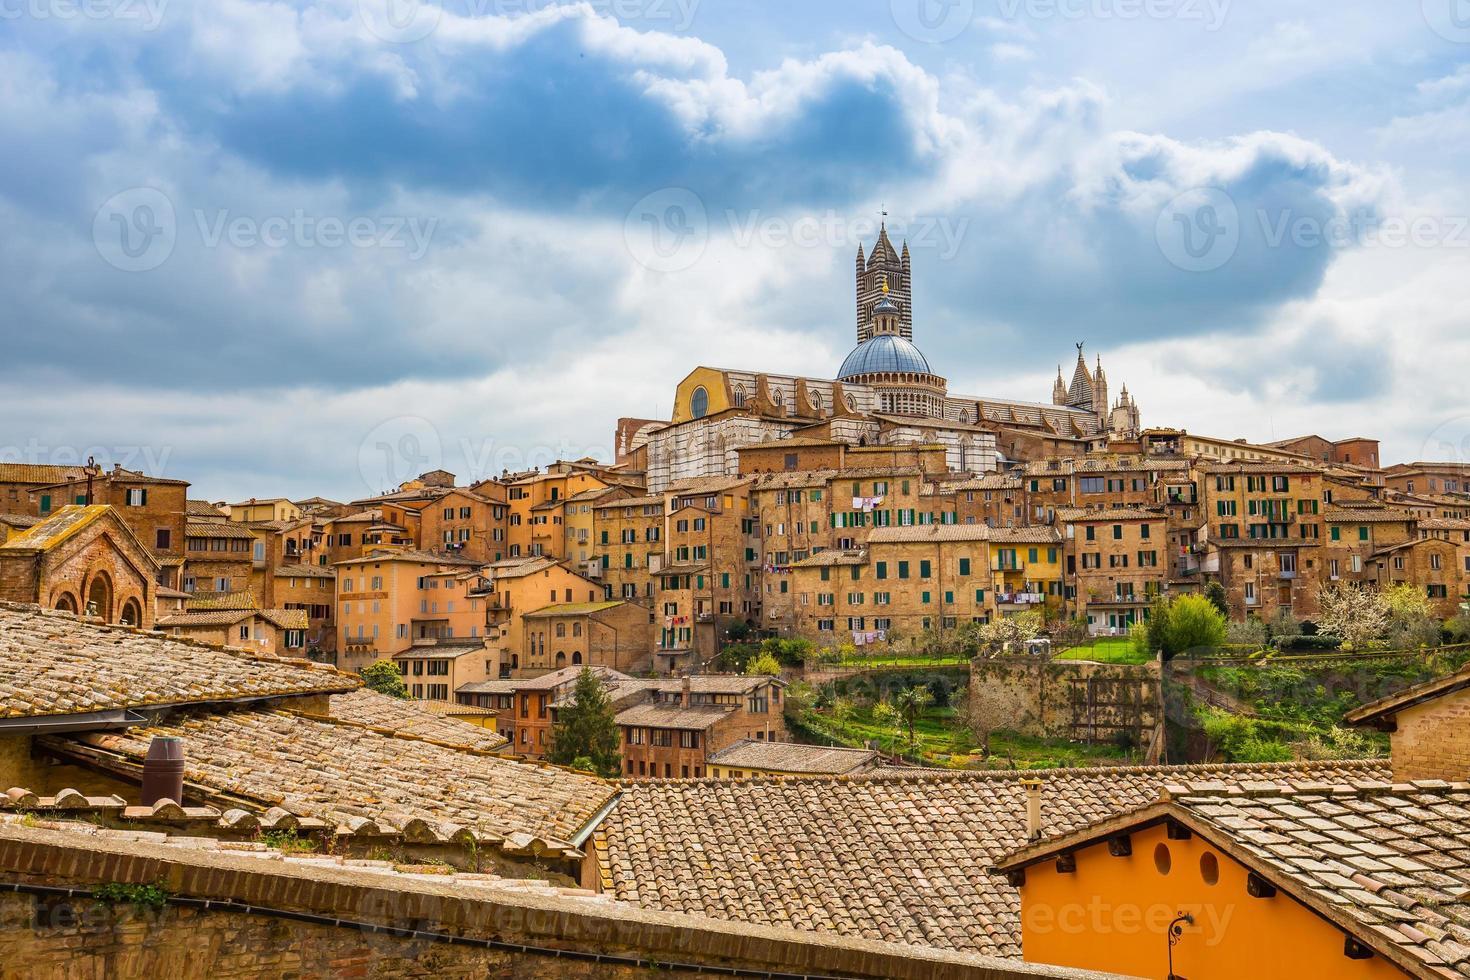 il paesaggio urbano di siena nel sud della toscana, italia foto